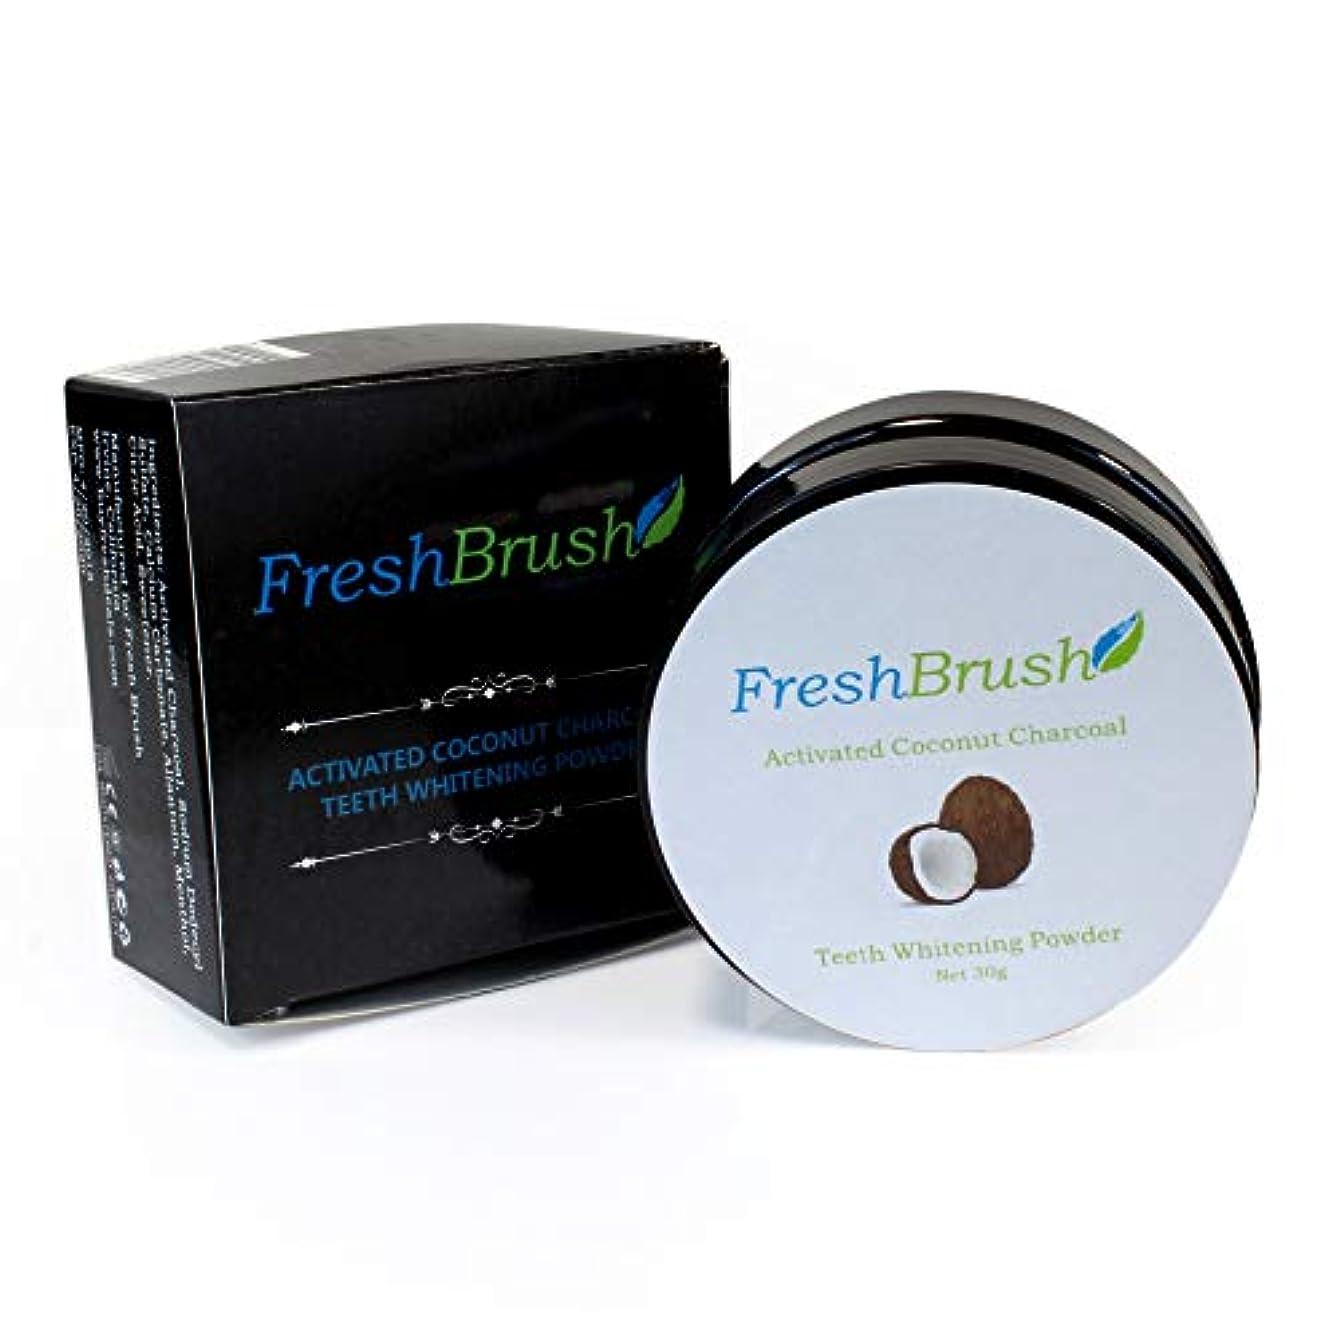 コンデンサー音楽遺伝子FreshBrush 新鮮なブラシはココナッツ炭パウダー、天然歯ホワイトナー、ミントフレーバーを活性化